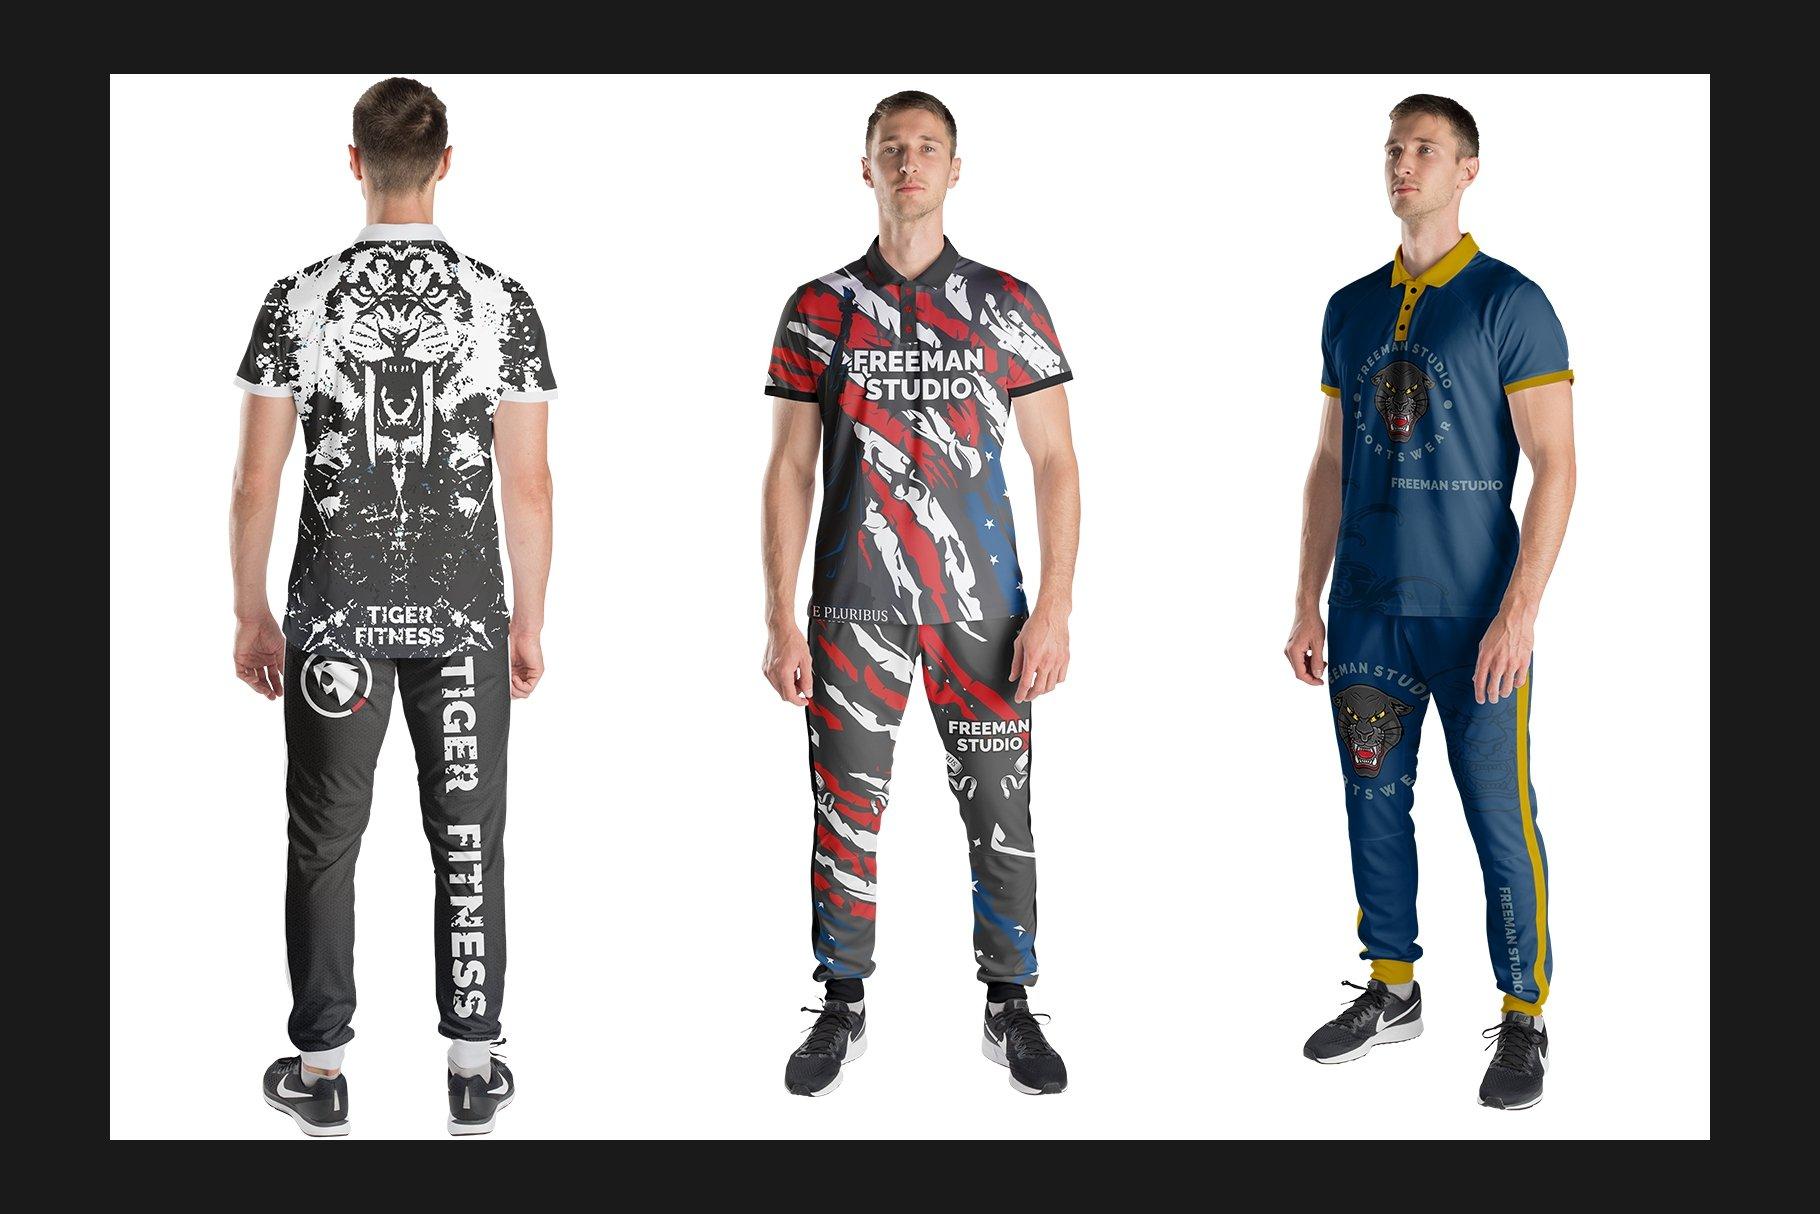 男士运动服饰设计展示样机模板 Sport Apparel Mockup Set插图(4)